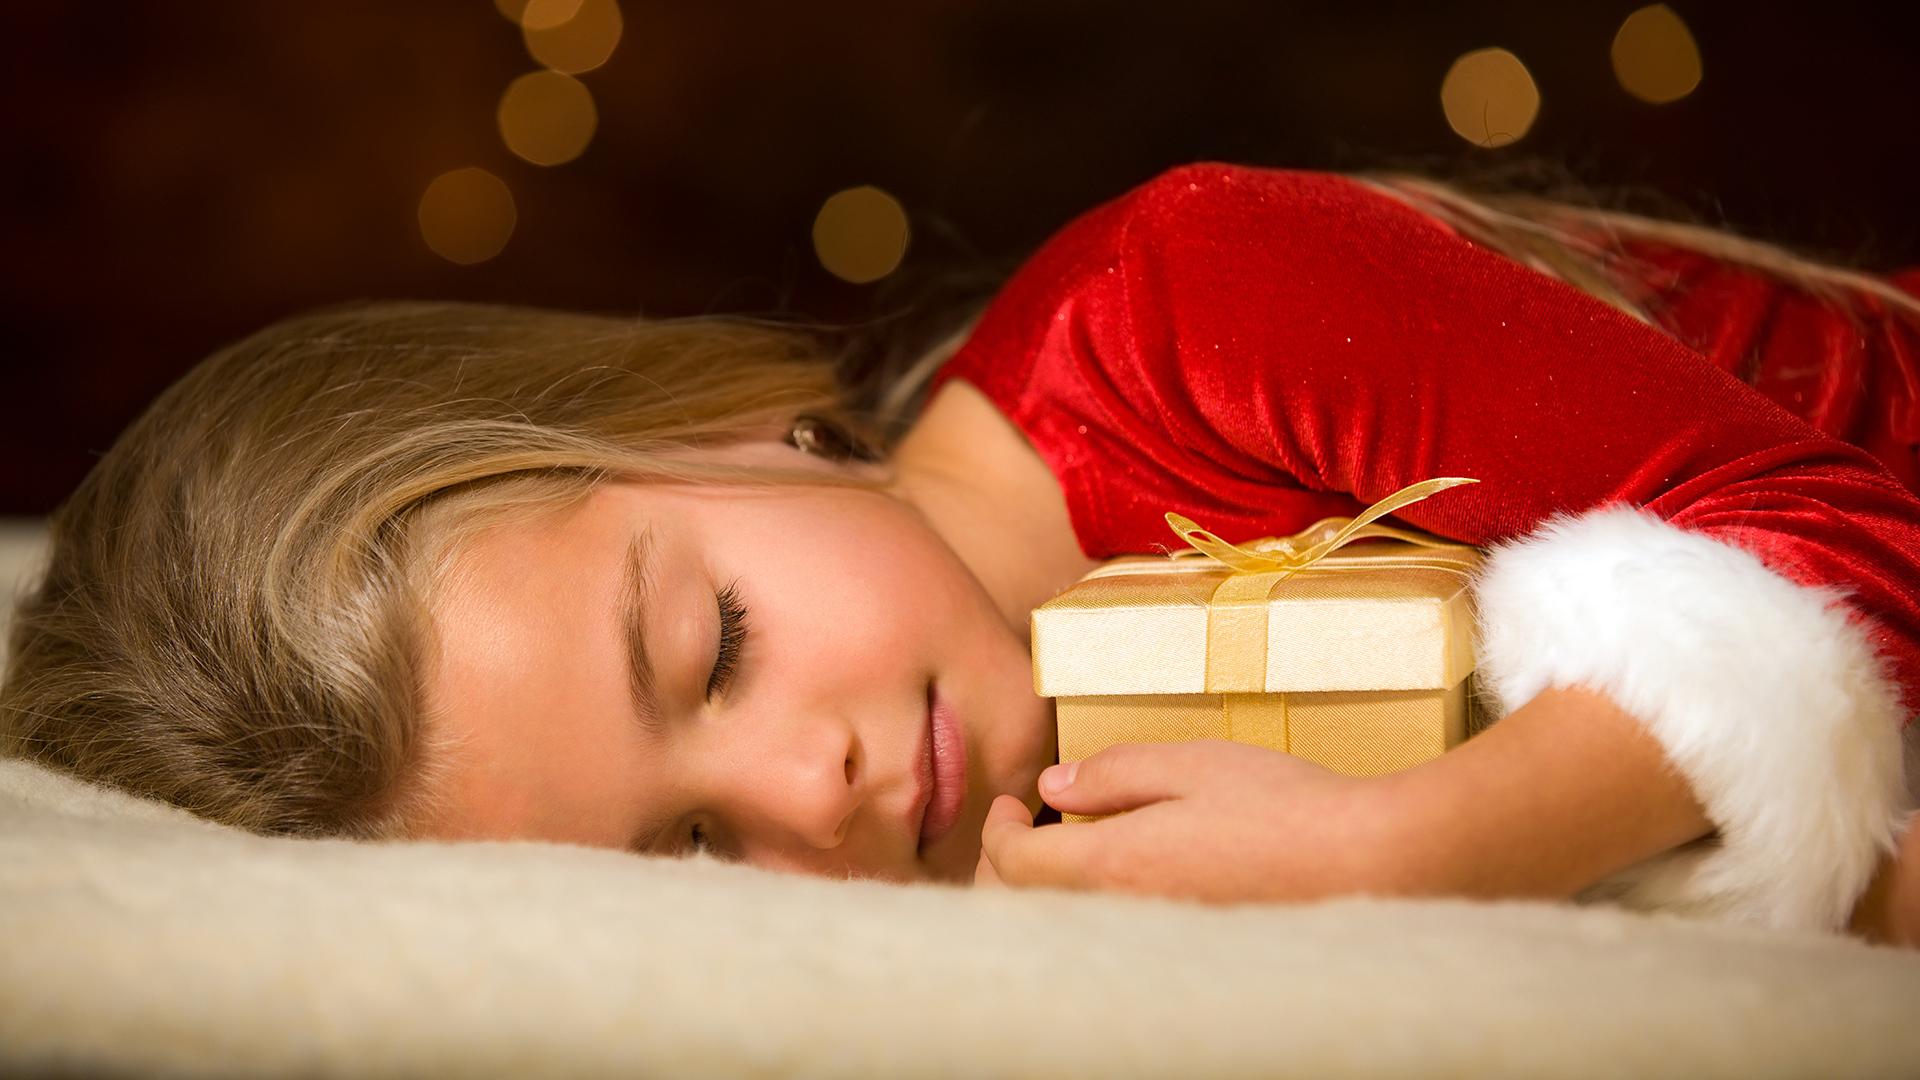 Радость скоро сменится грустью, а в жизнь наведаются нескончаемые серые будни.